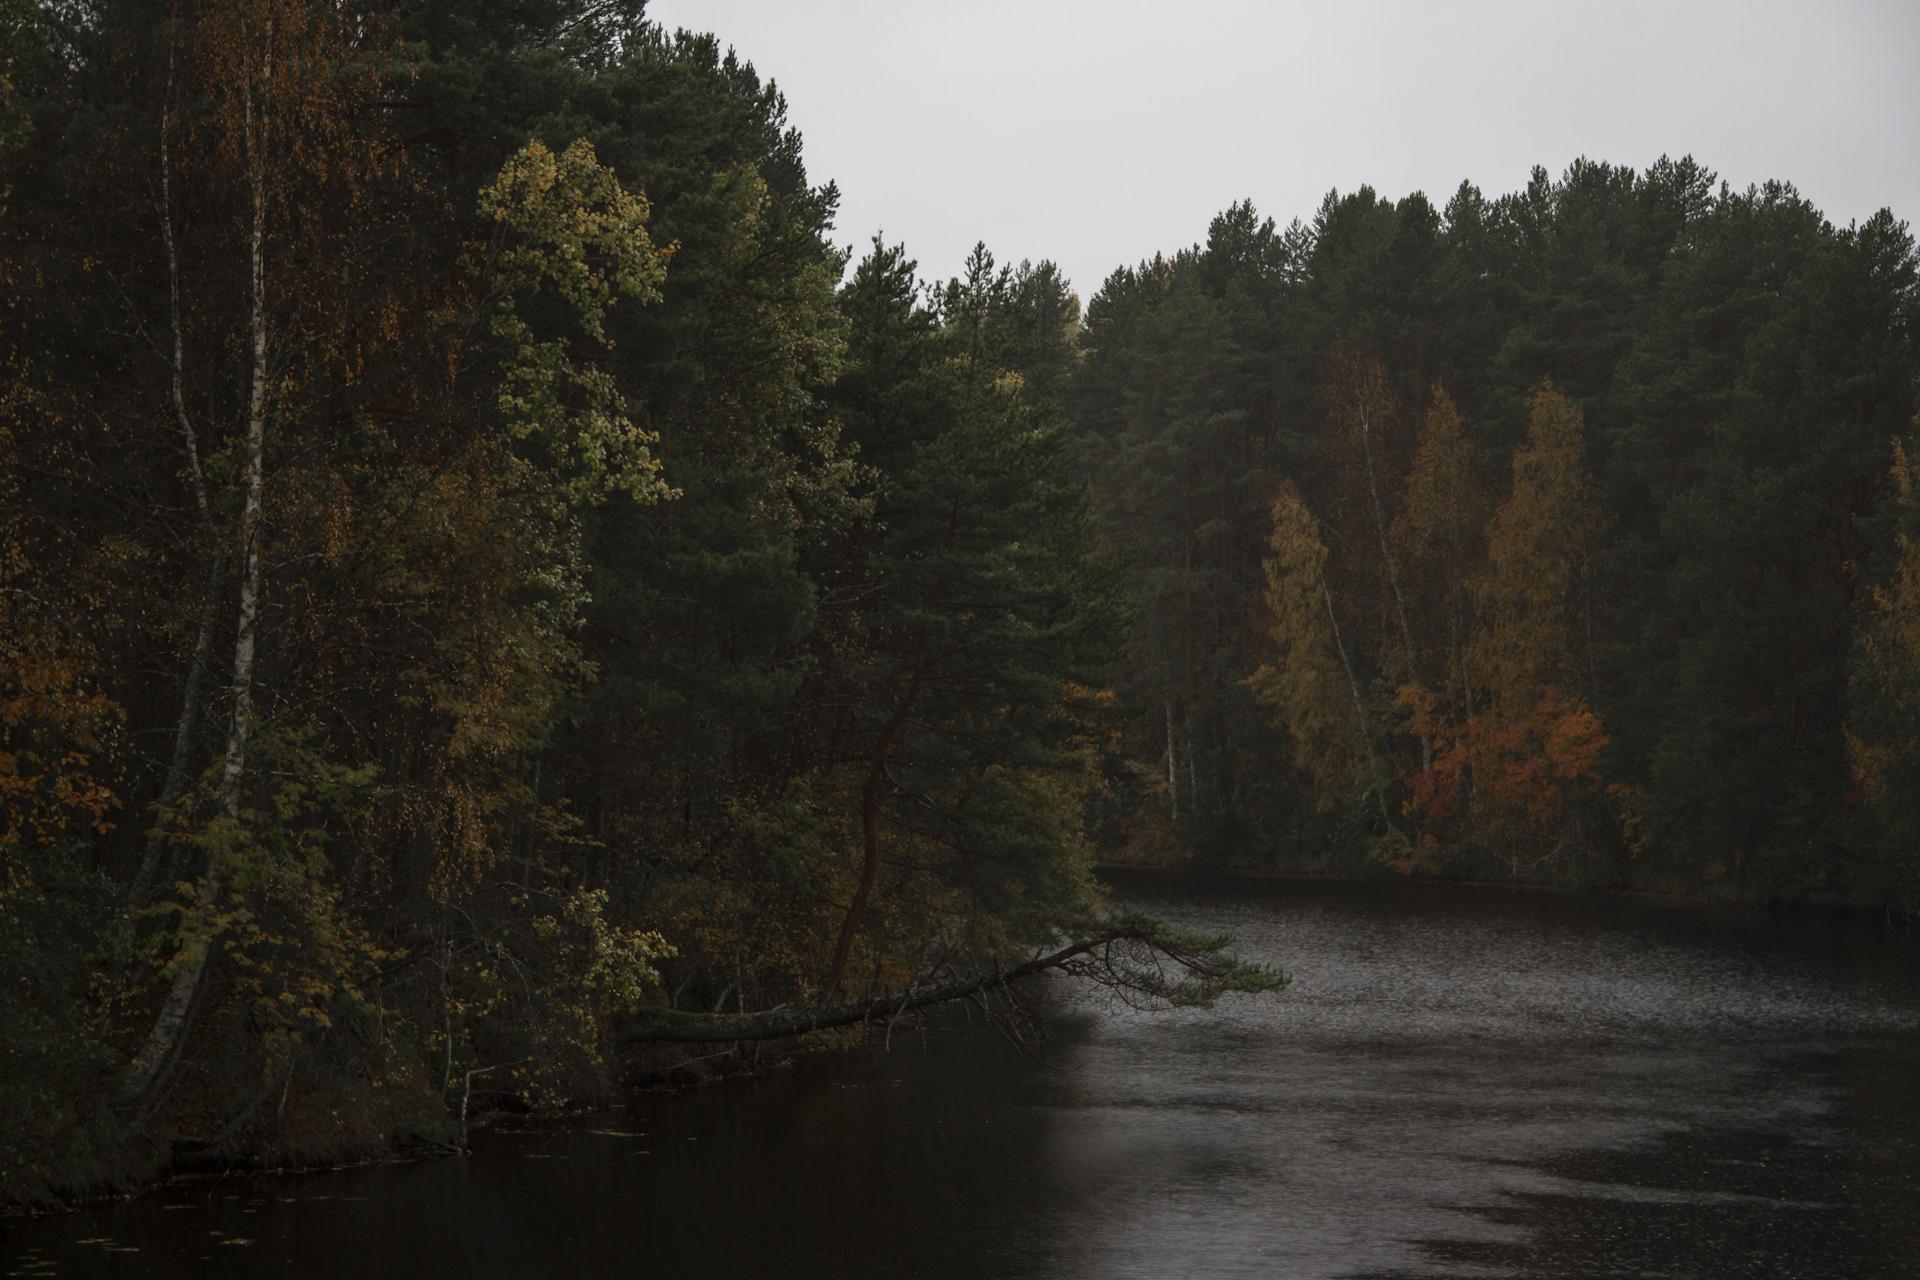 фото реки черной карелия отдых всегда являлся